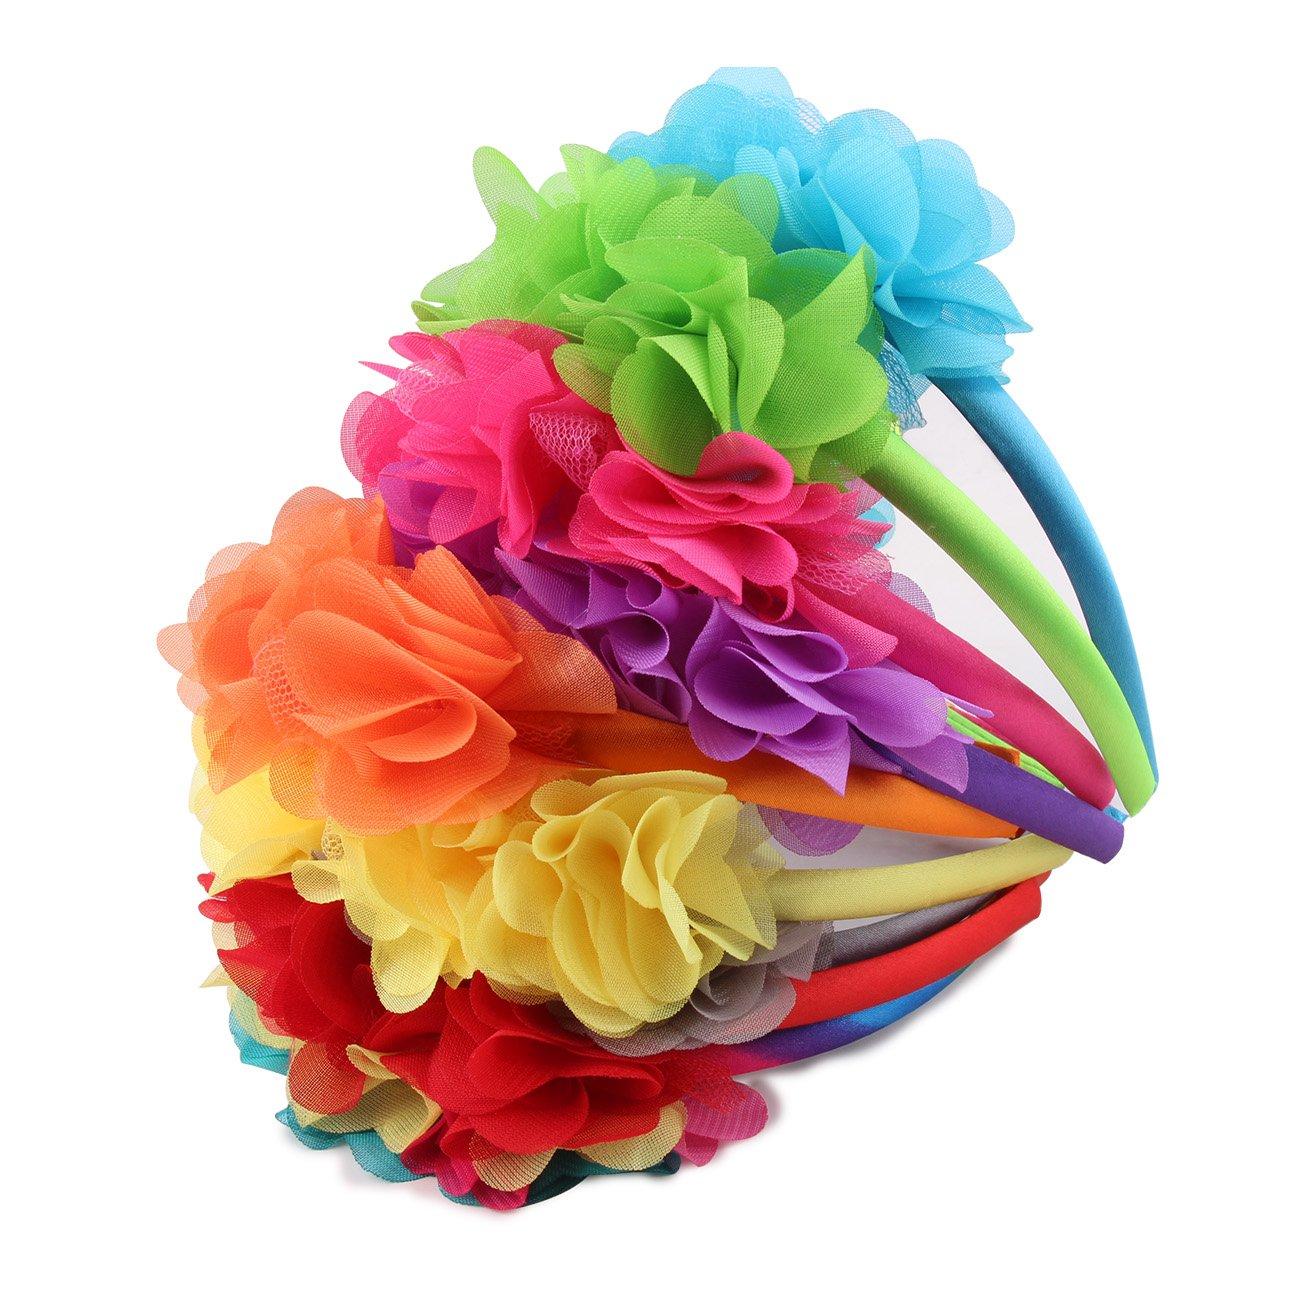 b99dfc217f09 Candygirl Serre-Tête Fille Enfant Lot de 9 Pièces Couronne Bandeaux Floral  Accessoire à Cheveux pour Noël Mariage Fête  Amazon.fr  Beauté et Parfum